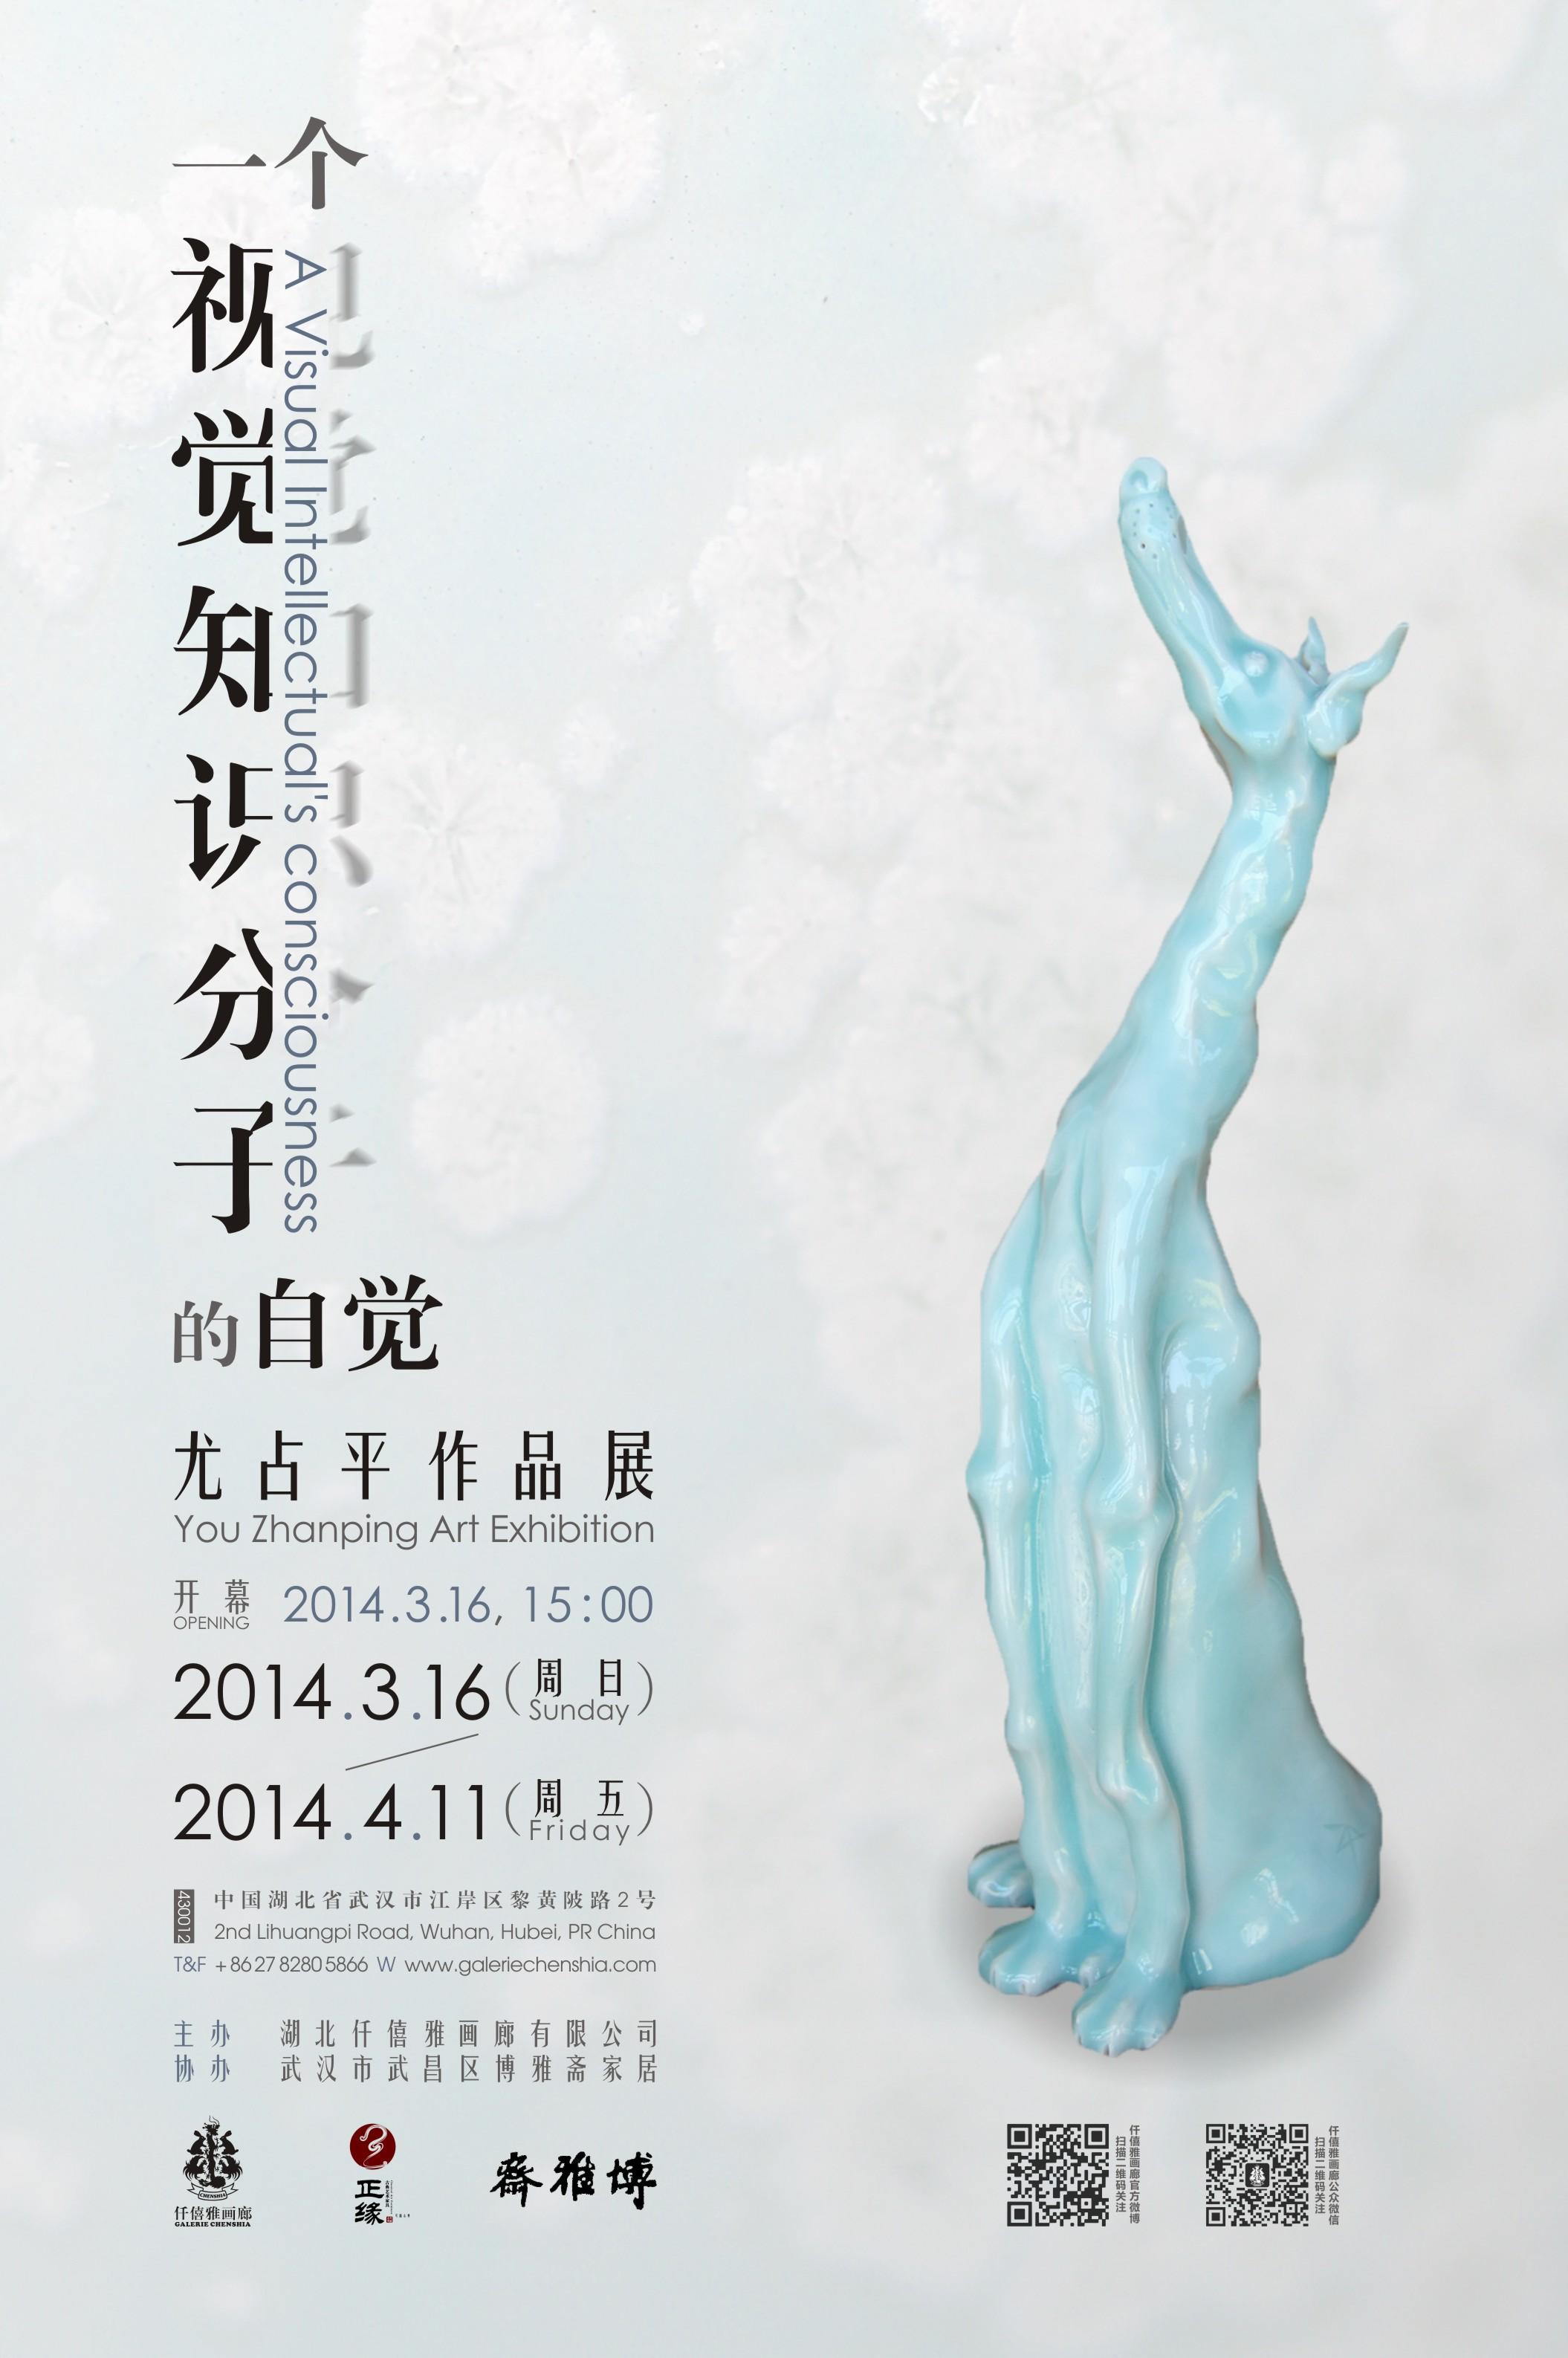 尤占平海报53x80 cm